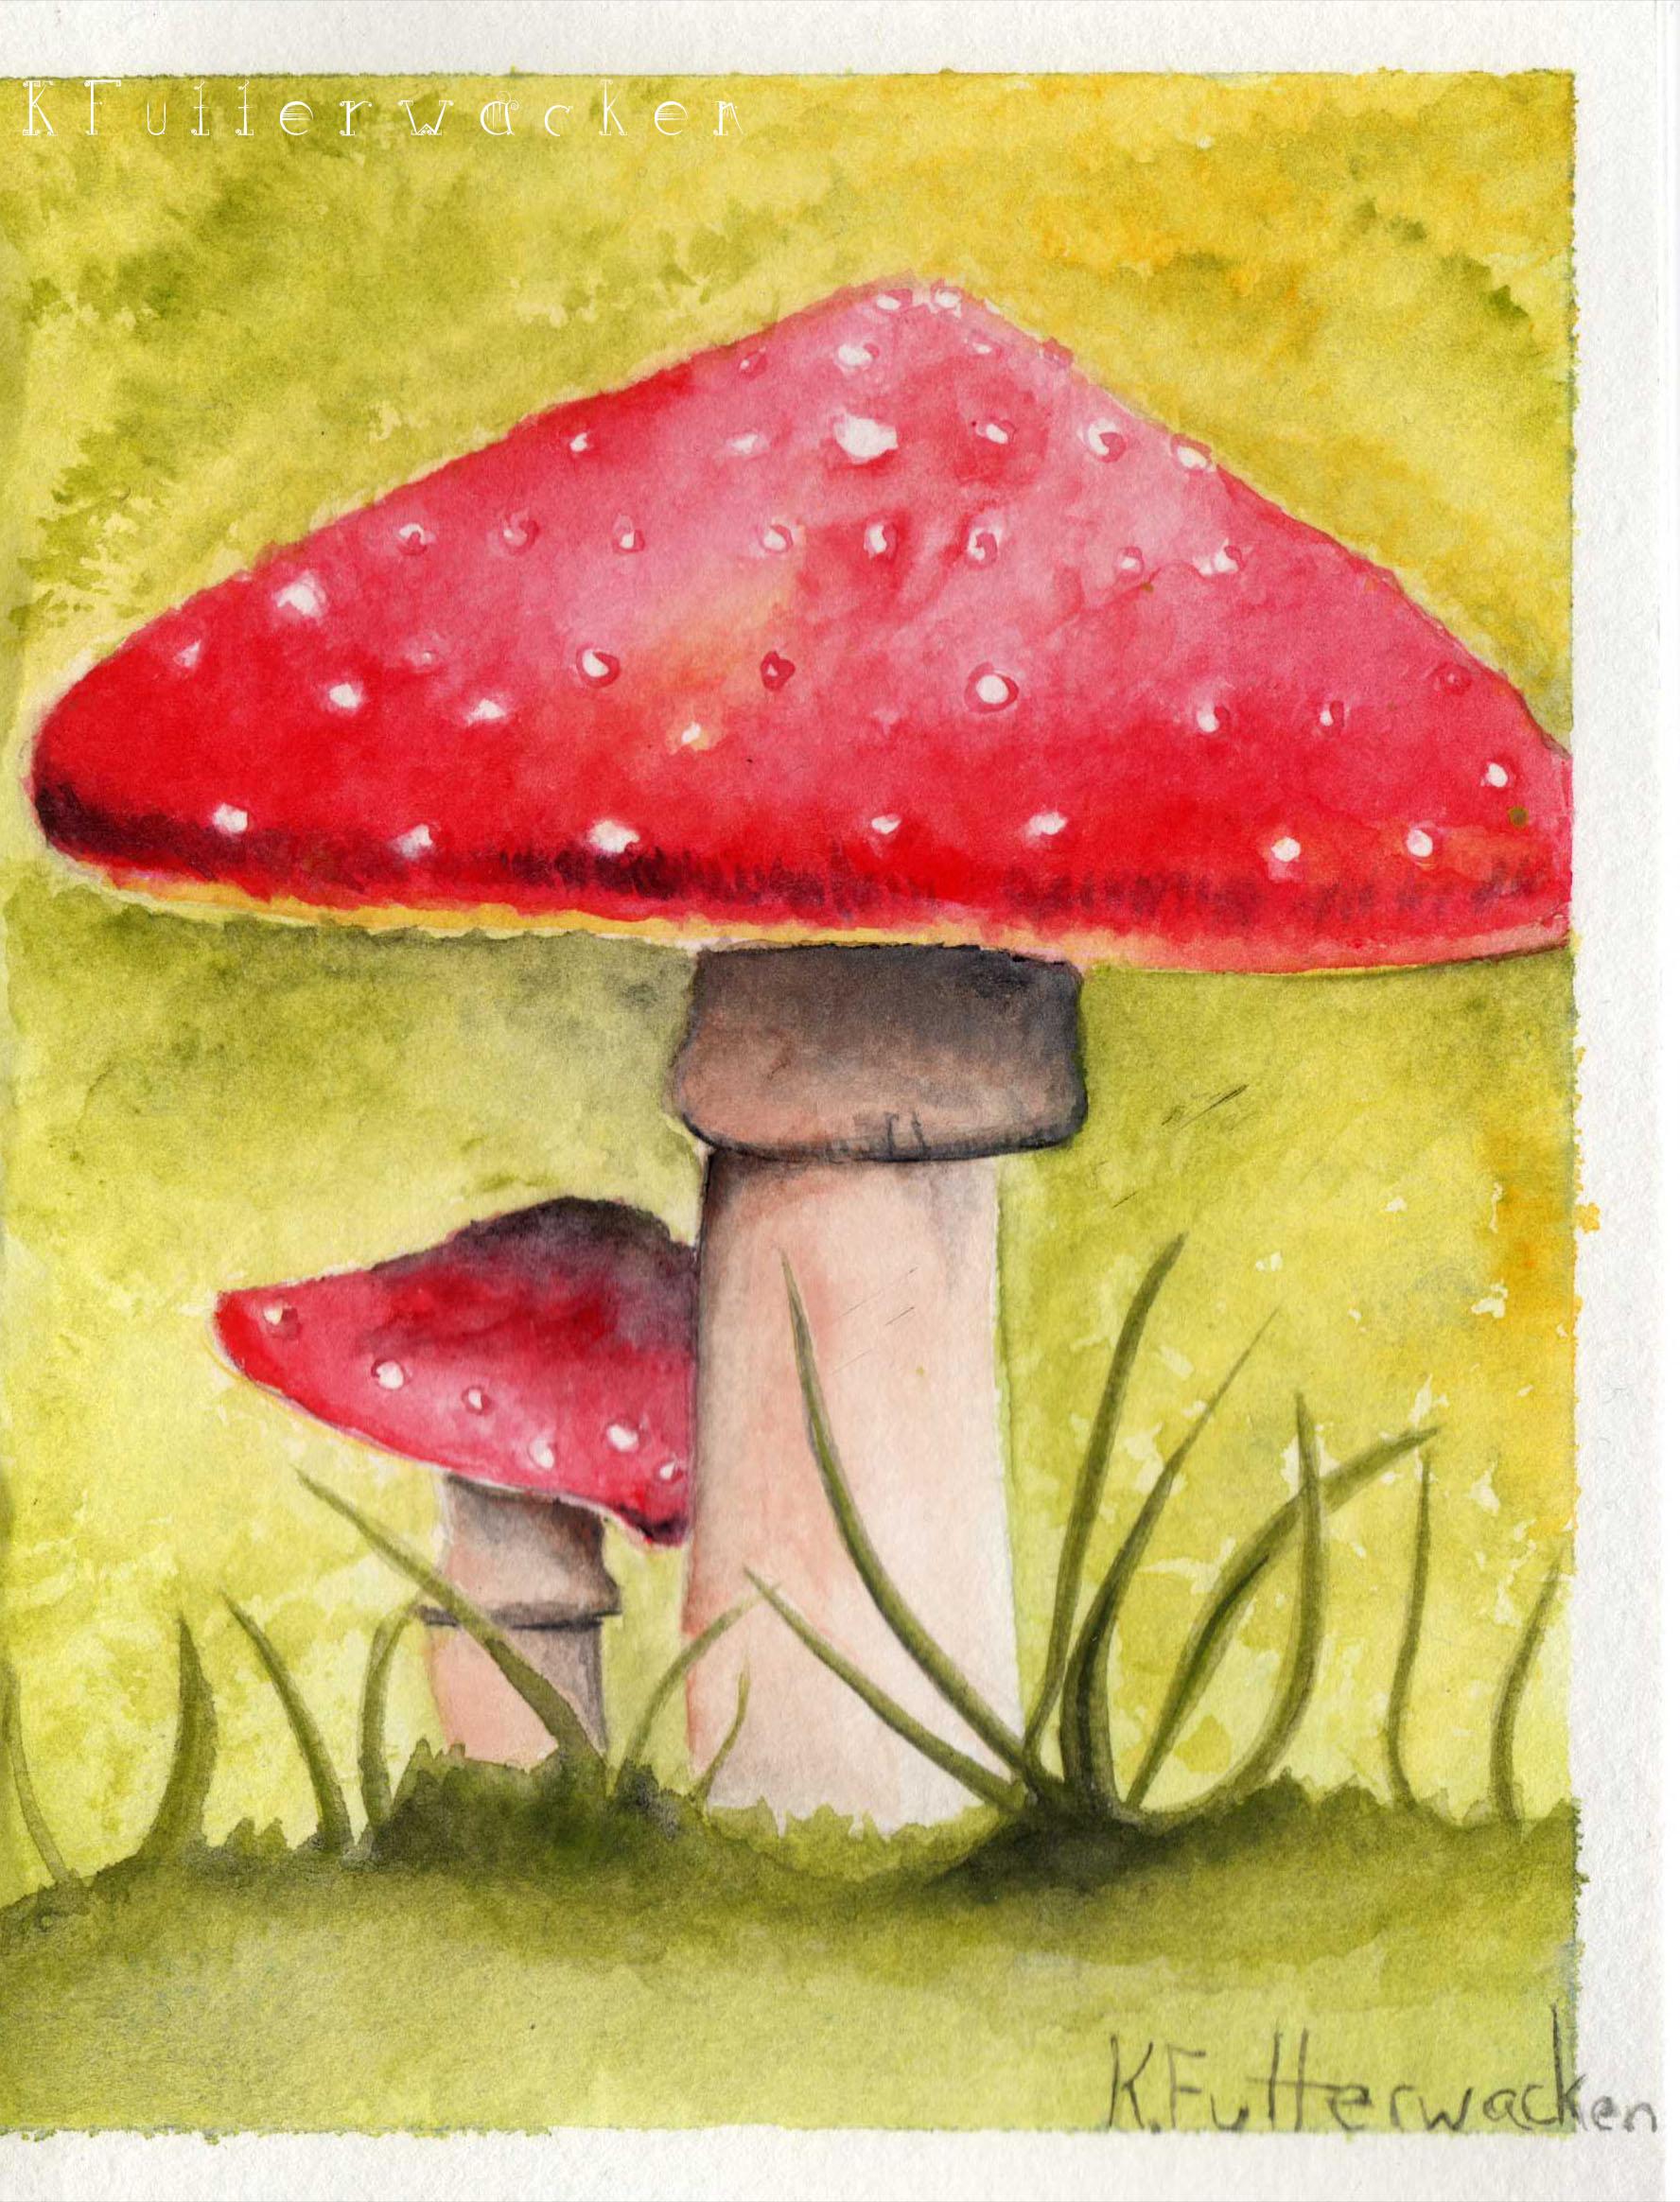 Muschroom Card